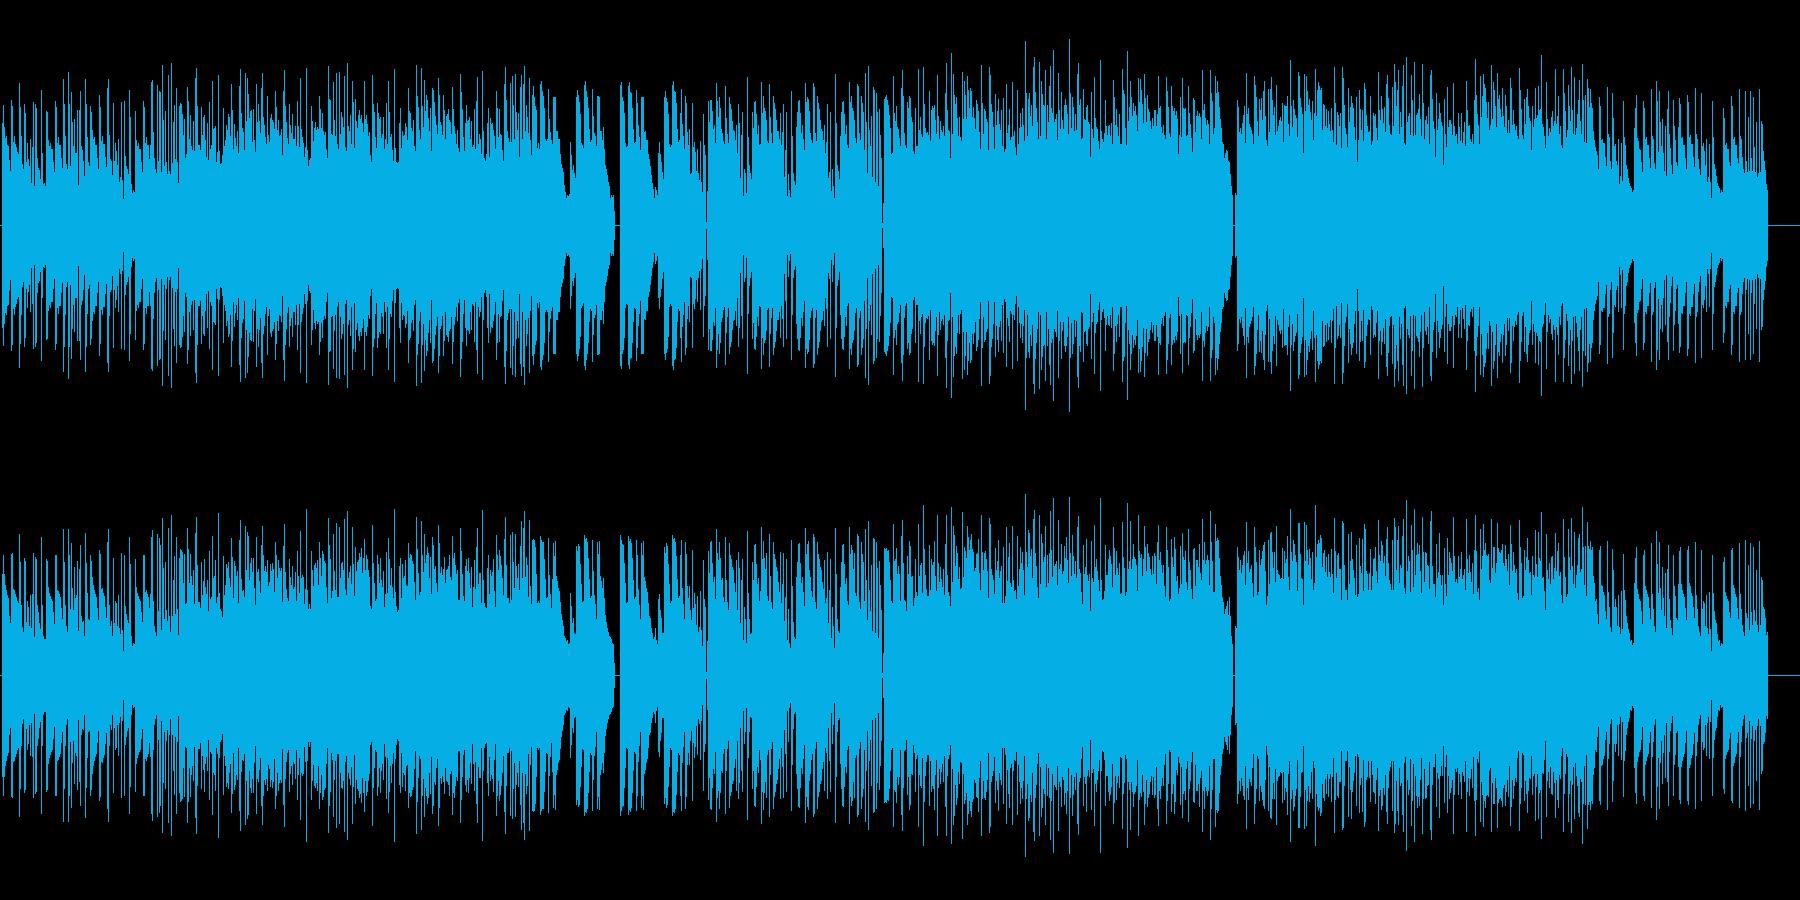 アコギ主体のゆったりしたインストの再生済みの波形